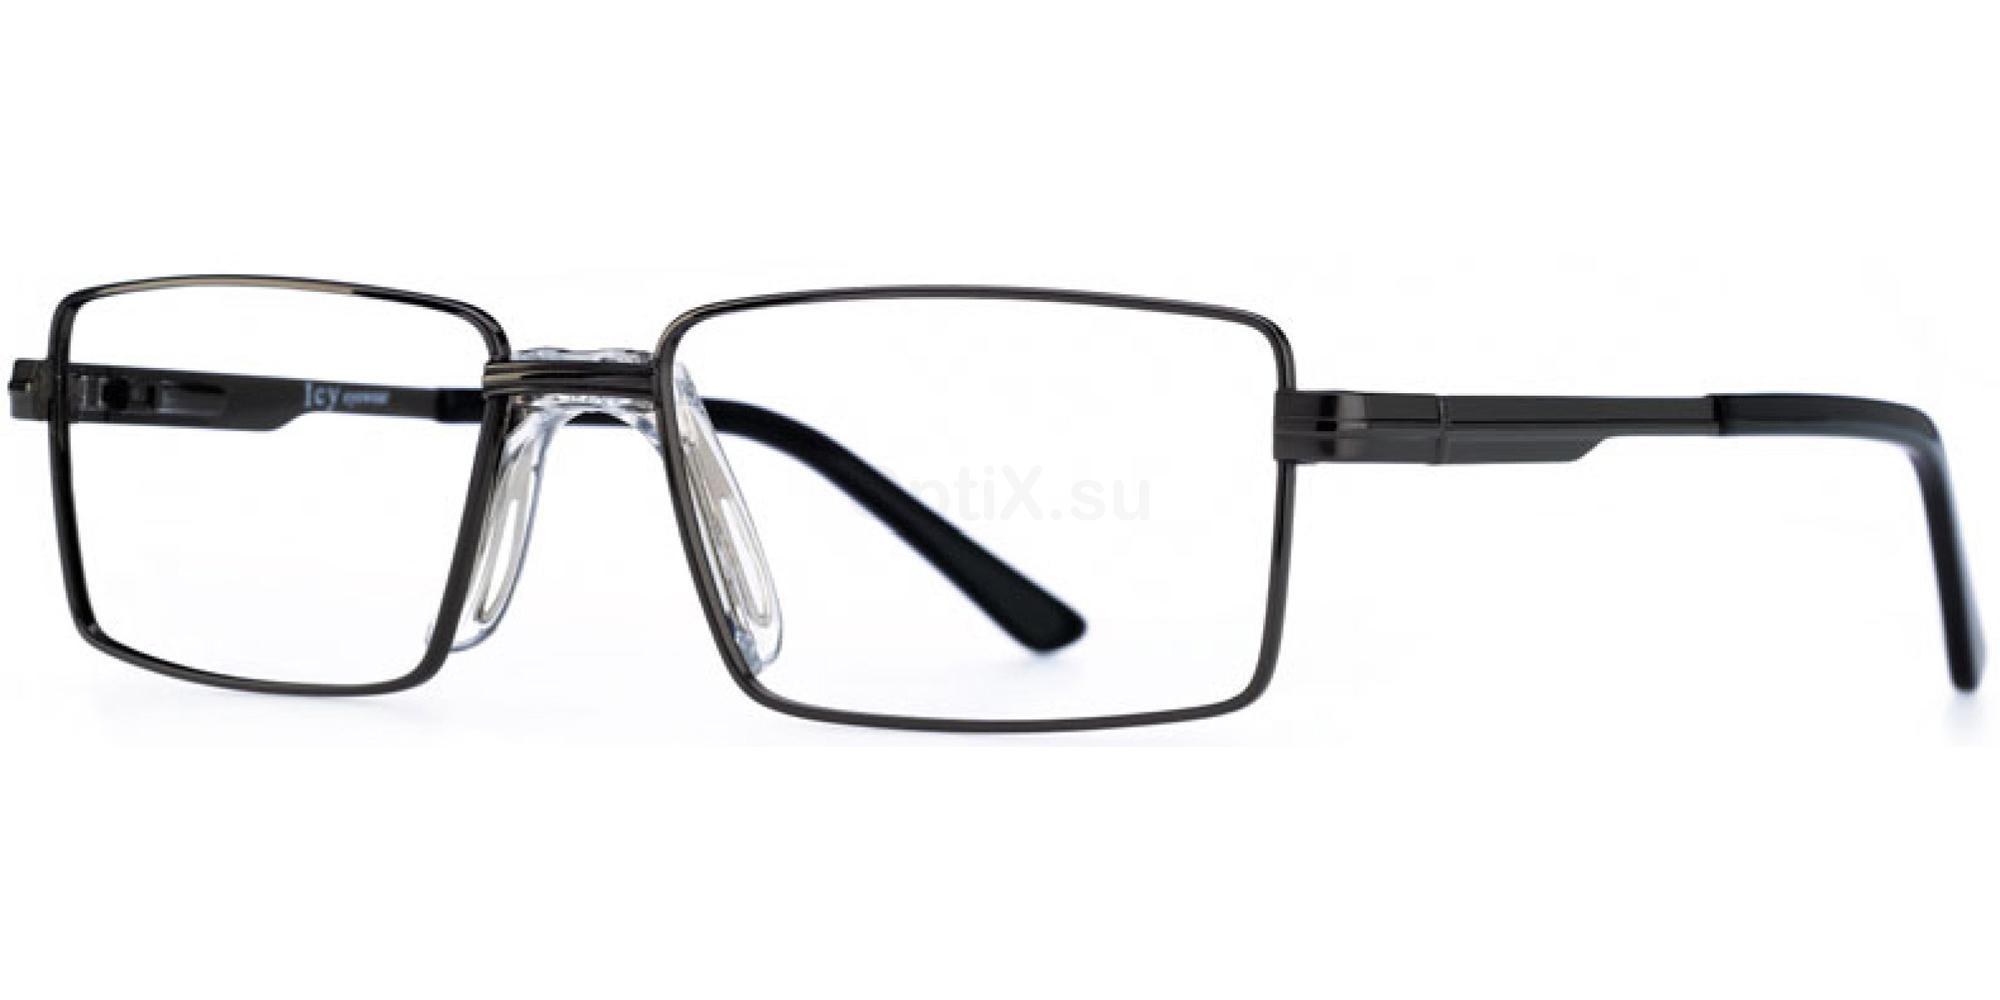 C1 Icy 775 Glasses, Icy Eyewear - Metals